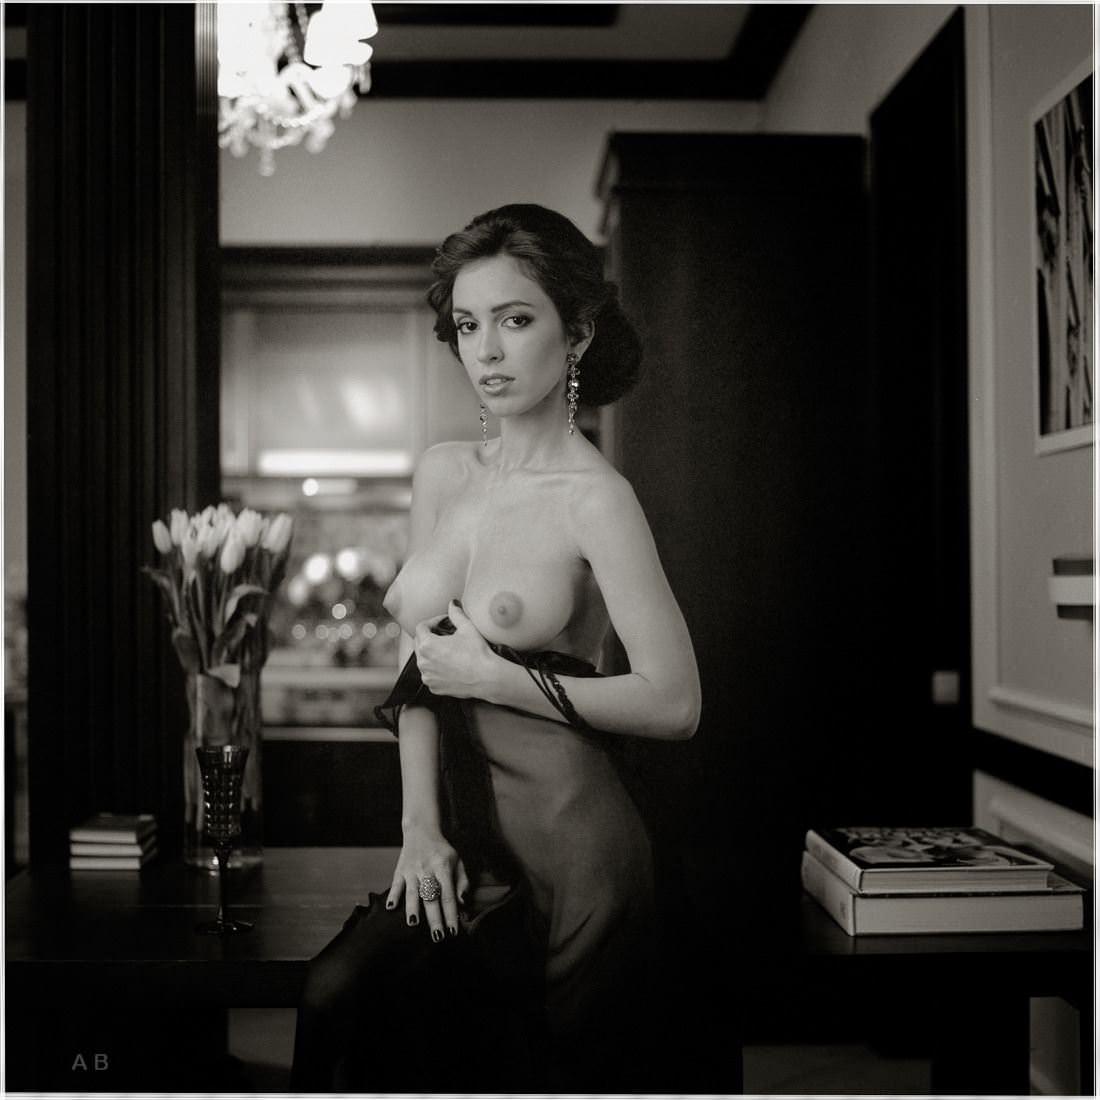 【外人】ロシアの写真家Arkady Barulin芸術的におっぱいを撮影するポルノ画像 9214